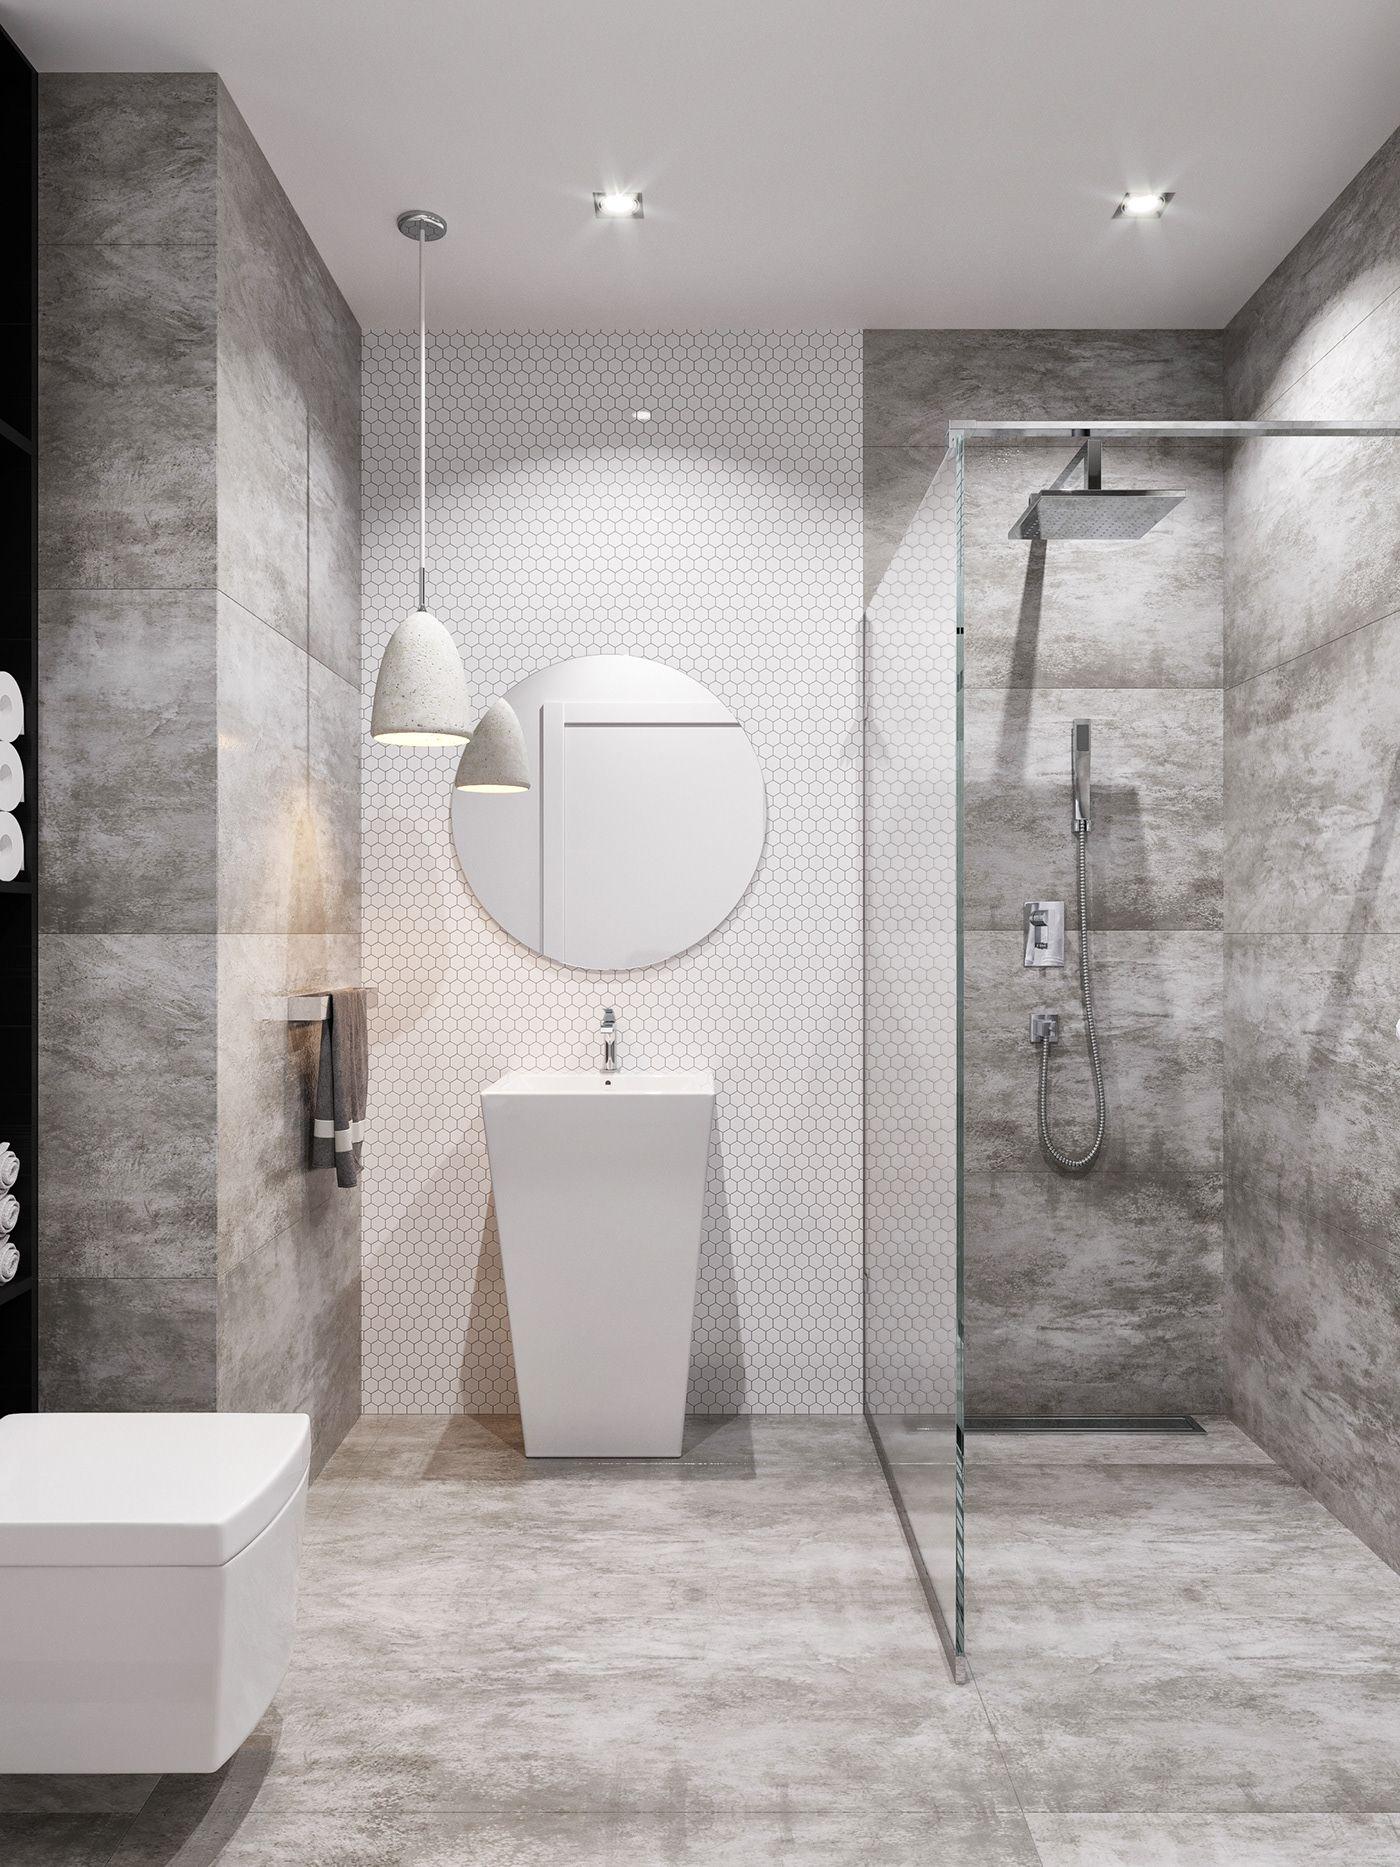 浴室設計 精選48款浴室設計實例照片分享 衛浴乾溼分離設計推薦 天天